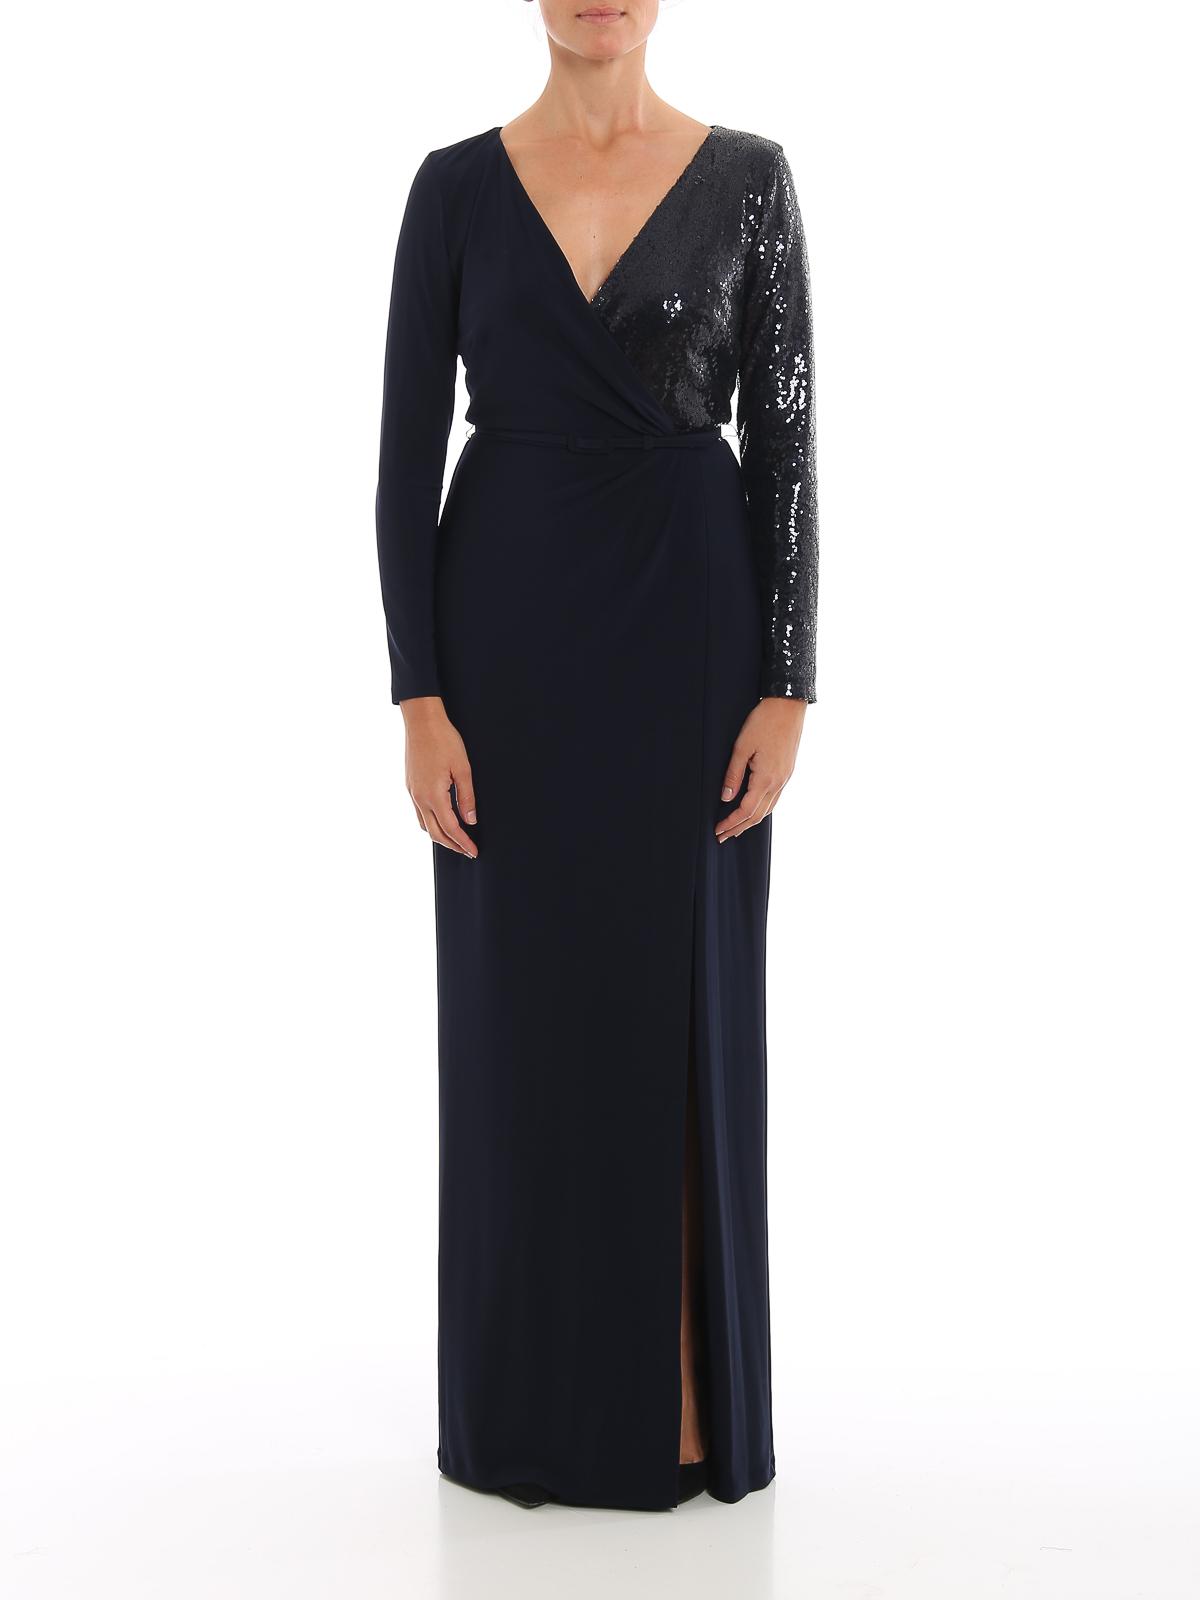 bellamy-long sleeve-evening dress RALPH LAUREN | 11 | 253751493002LIGHTHOUSE NAVY